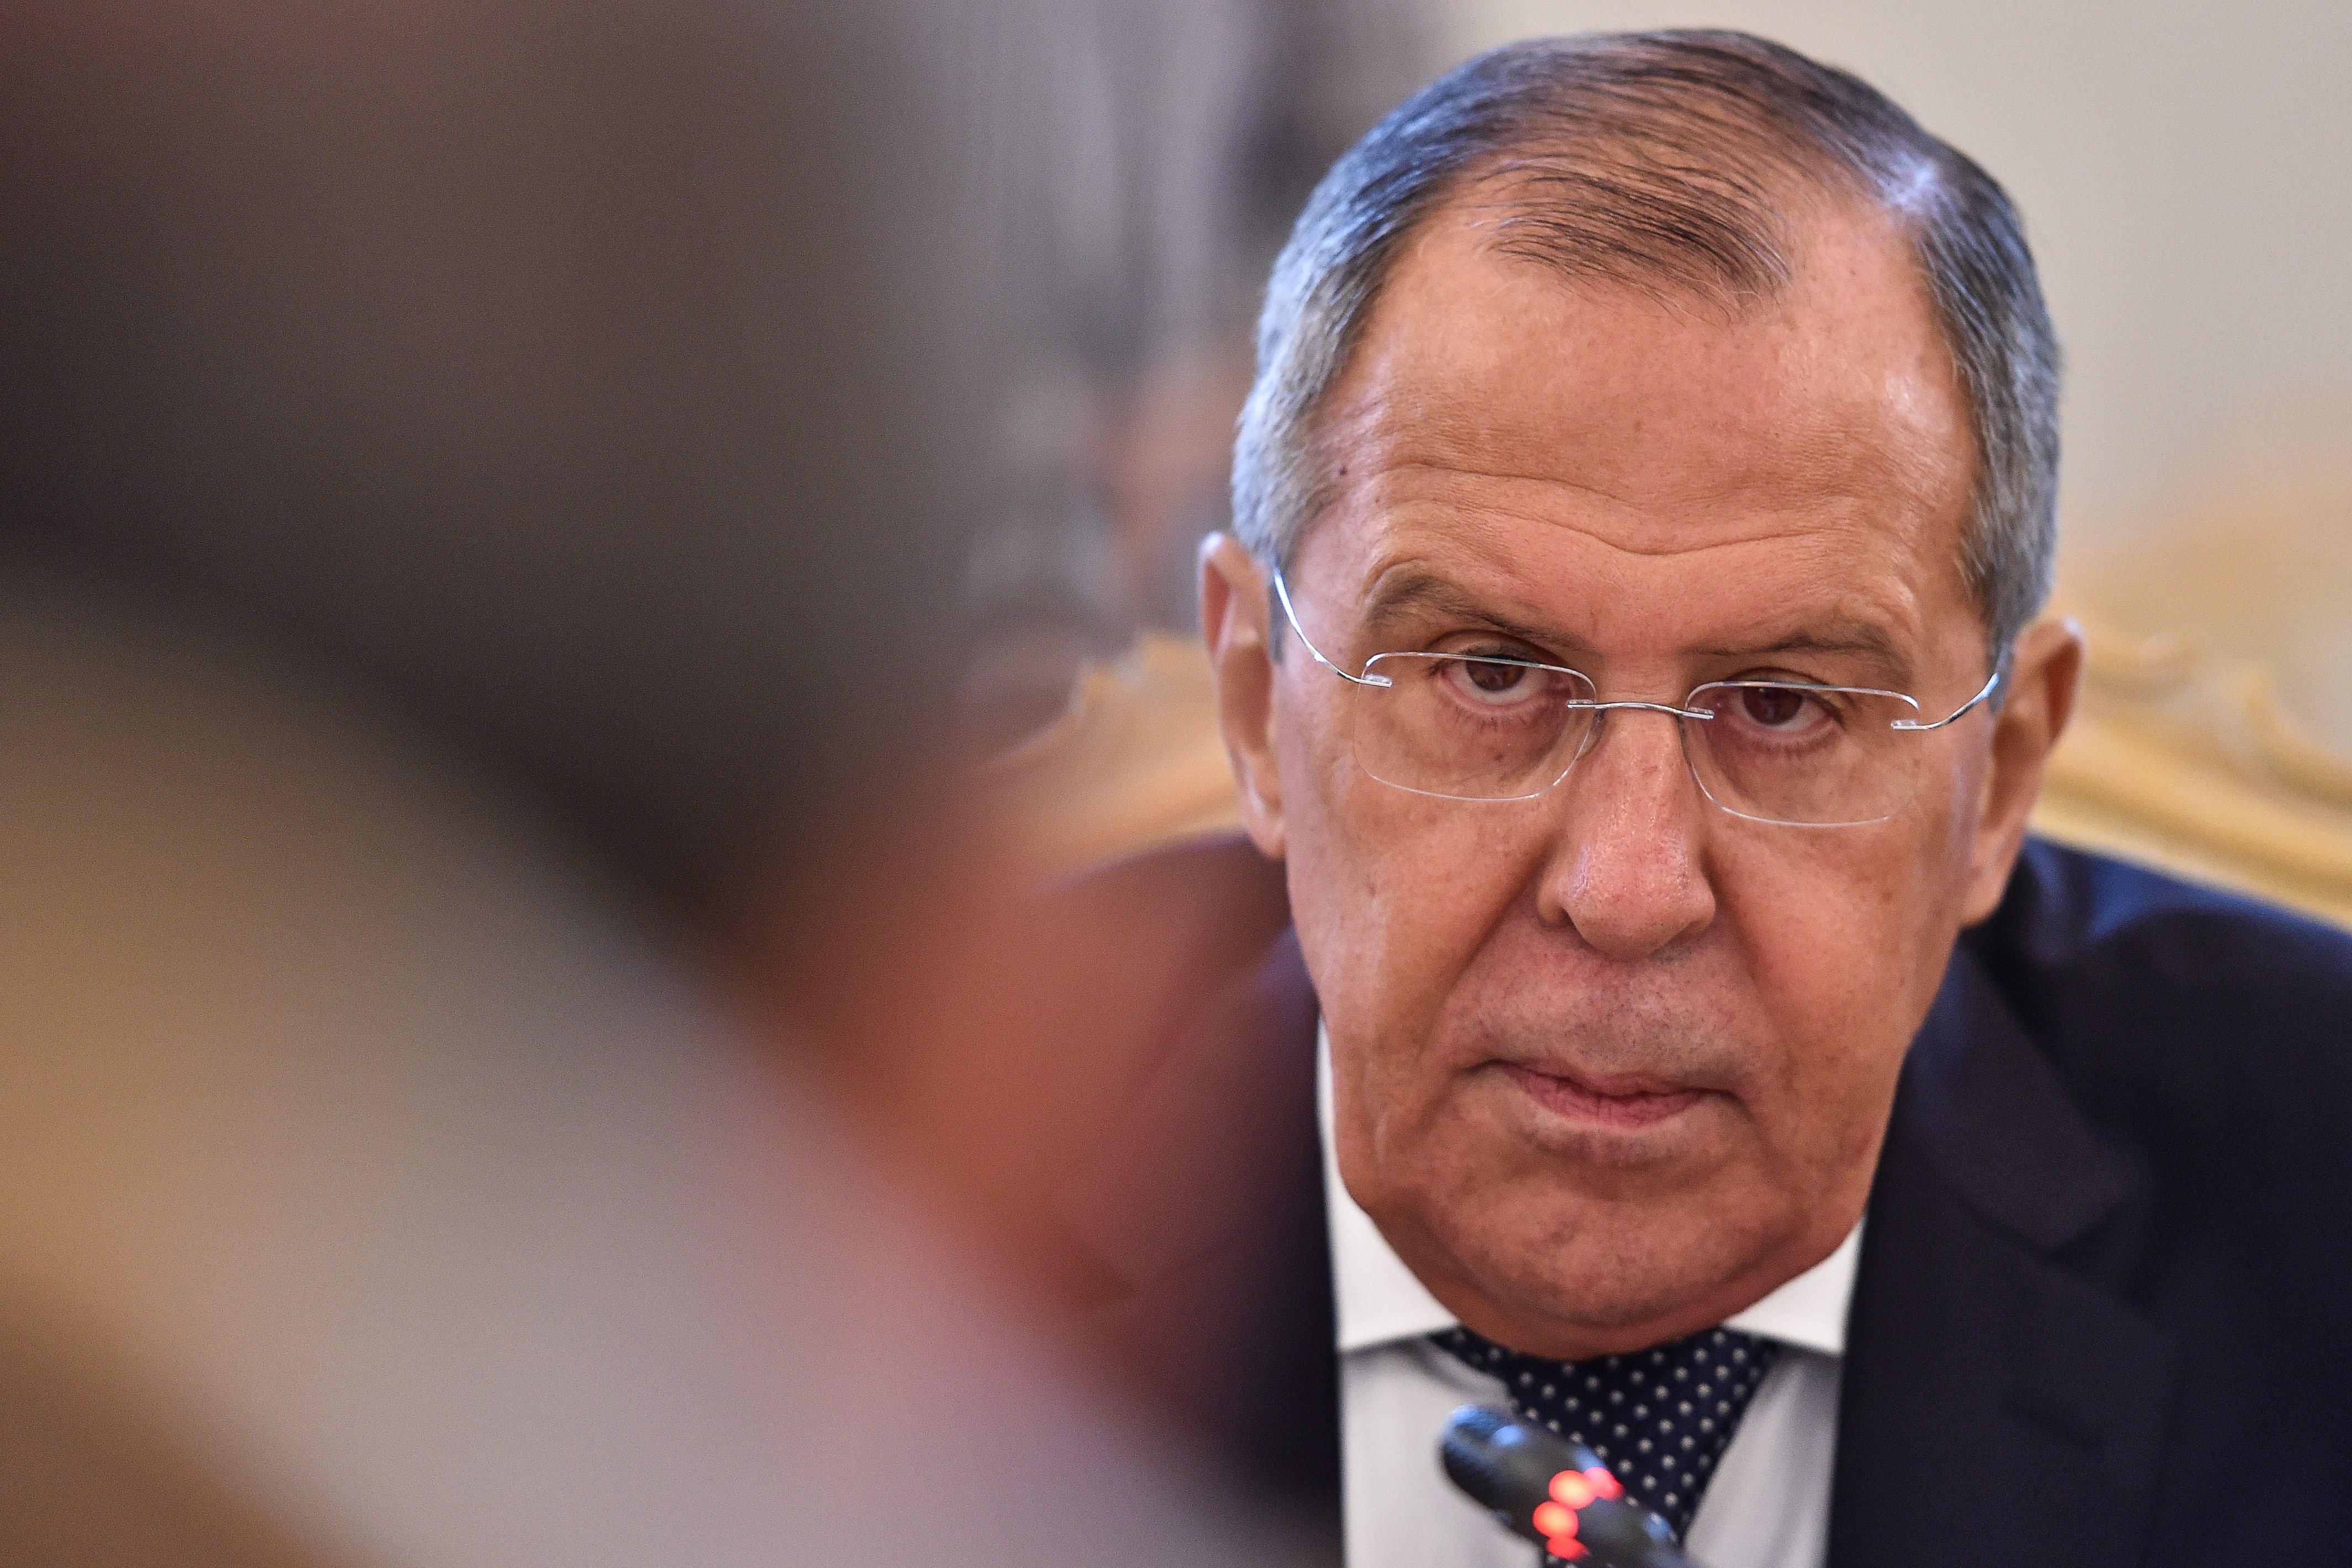 Διπλωματικές πηγές: Καλοδεχούμενος ο Λαβρόφ στην